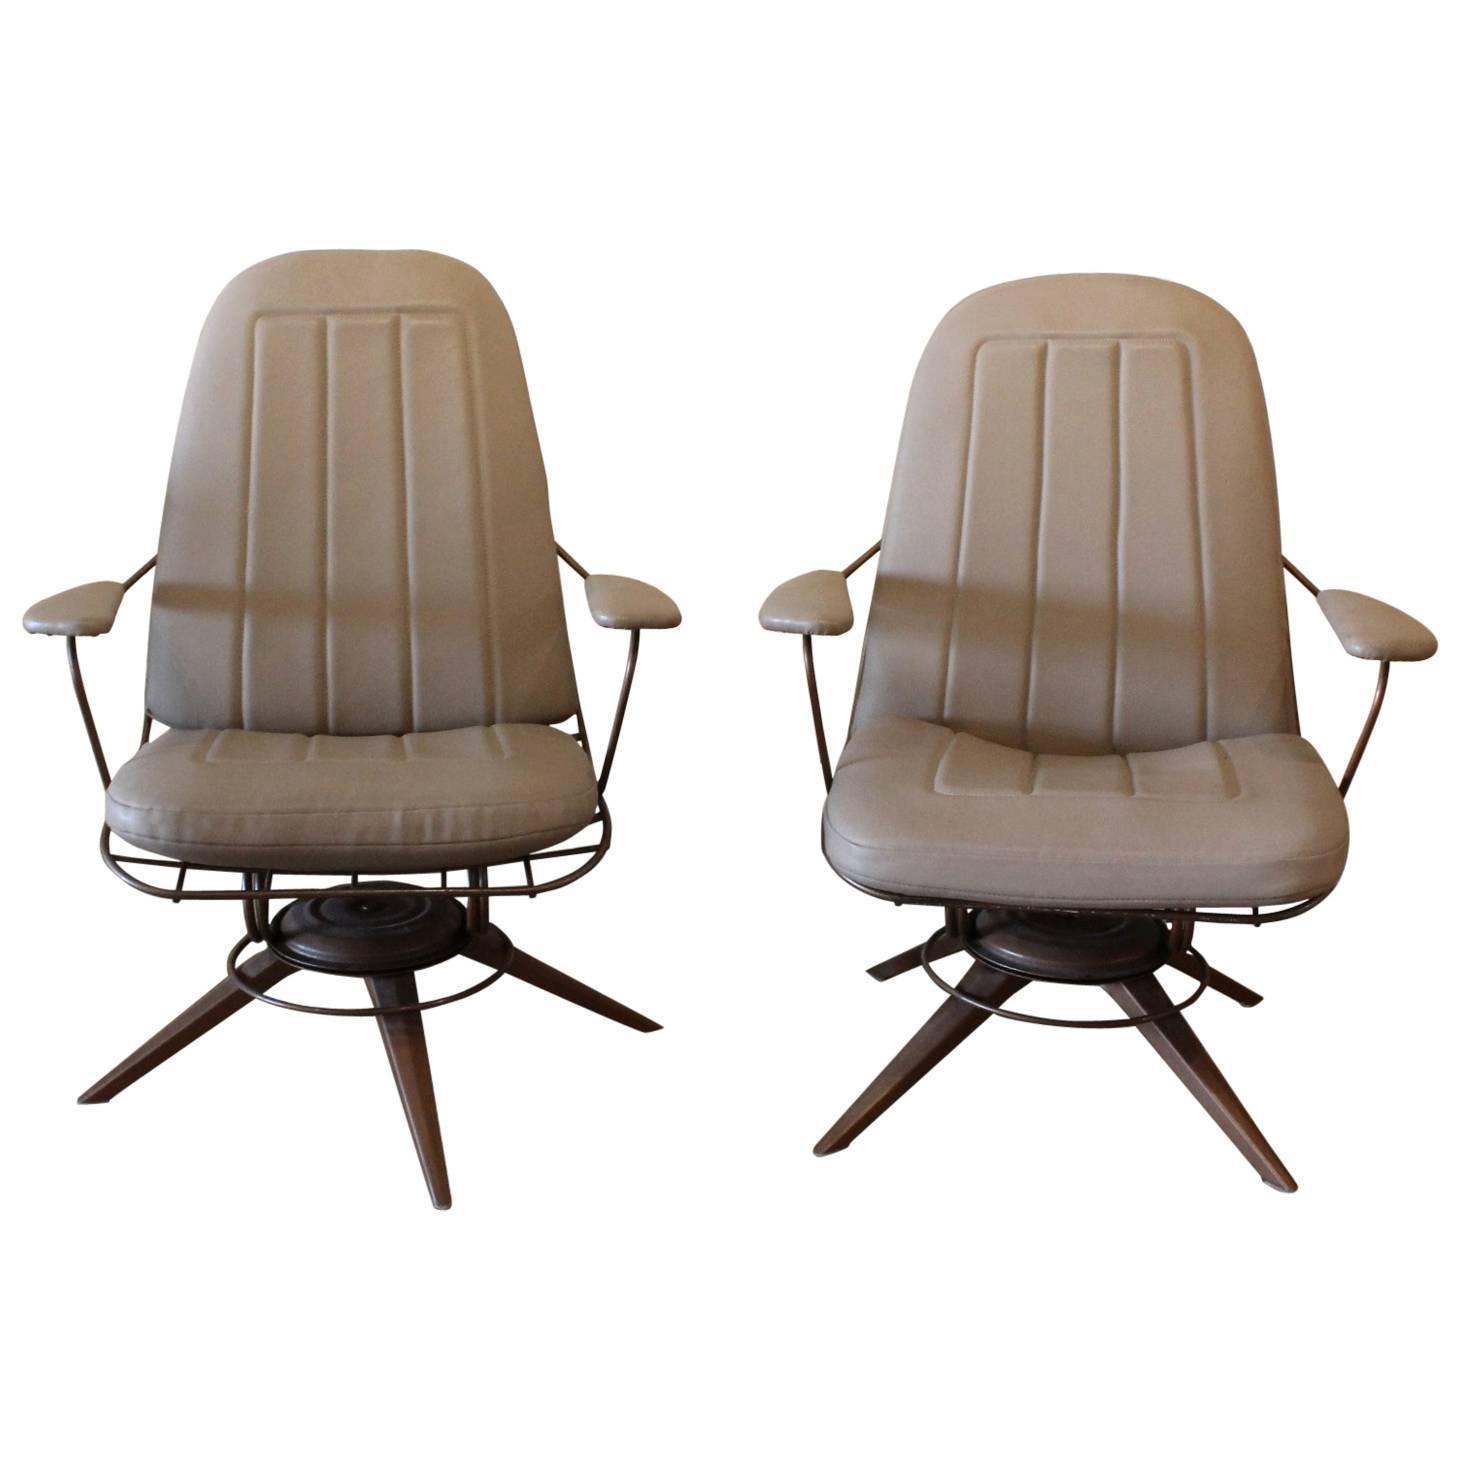 Attractive Mid Century Modern Homecrest Wire Deck Chairs